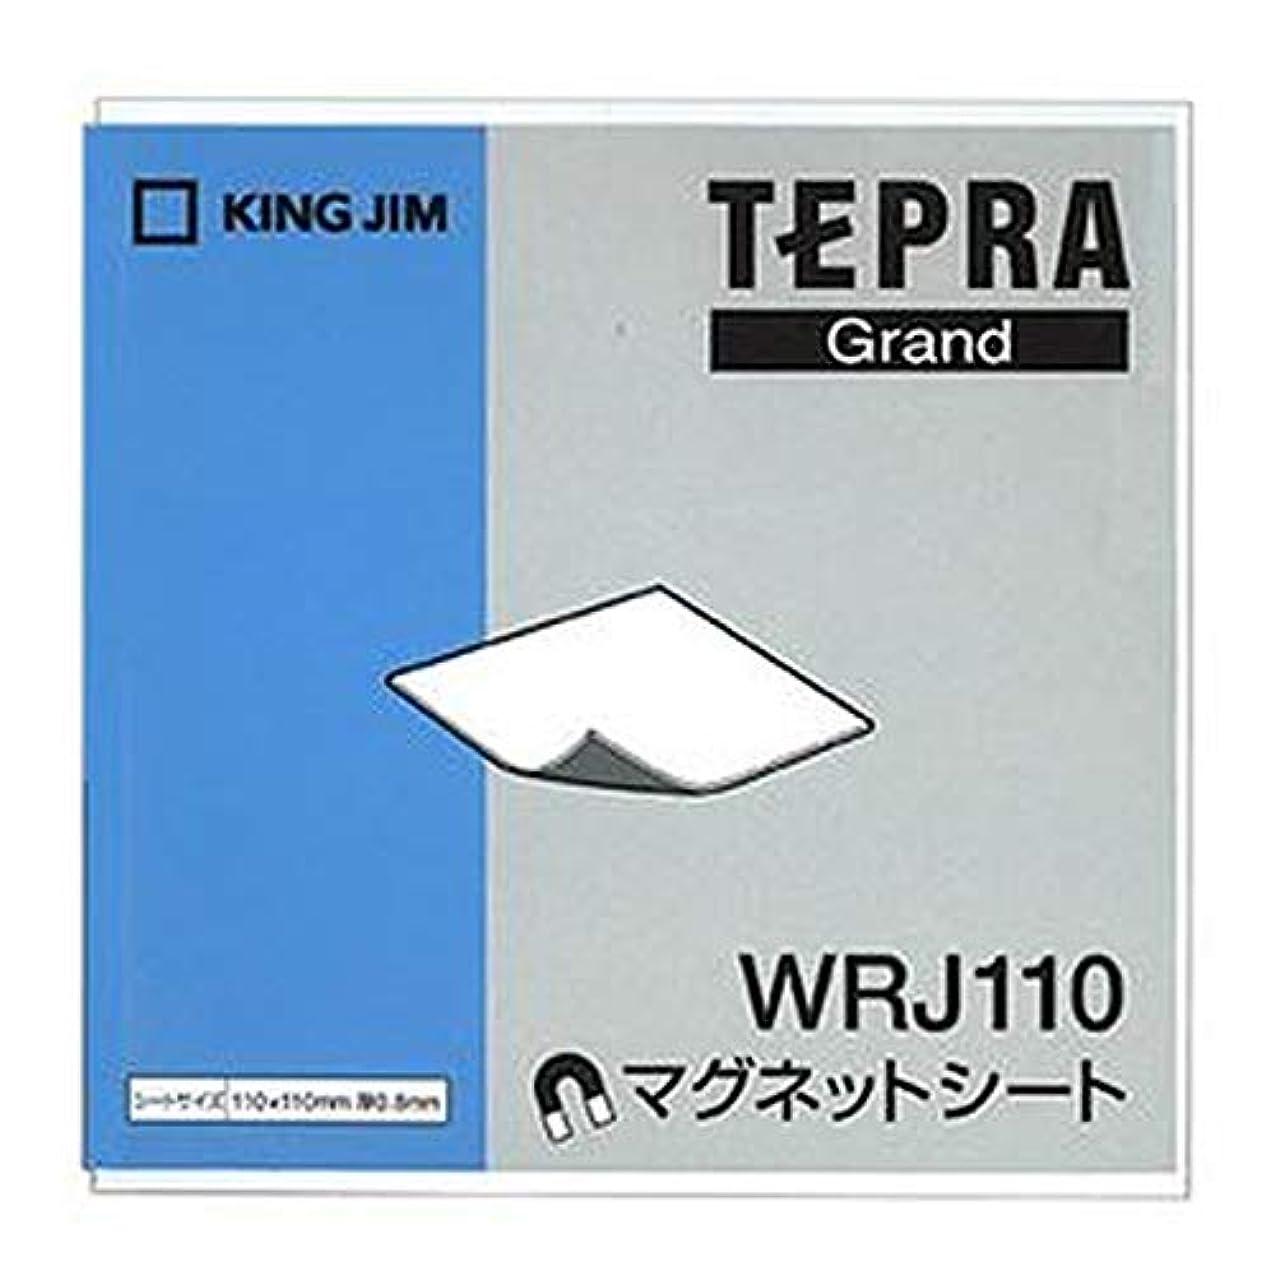 展示会と闘うマイクロプロセッサ== まとめ == キングジム/テプラ/Grandマグネットシート / 110×110mm / WRJ110 / 1個 - ×10セット -